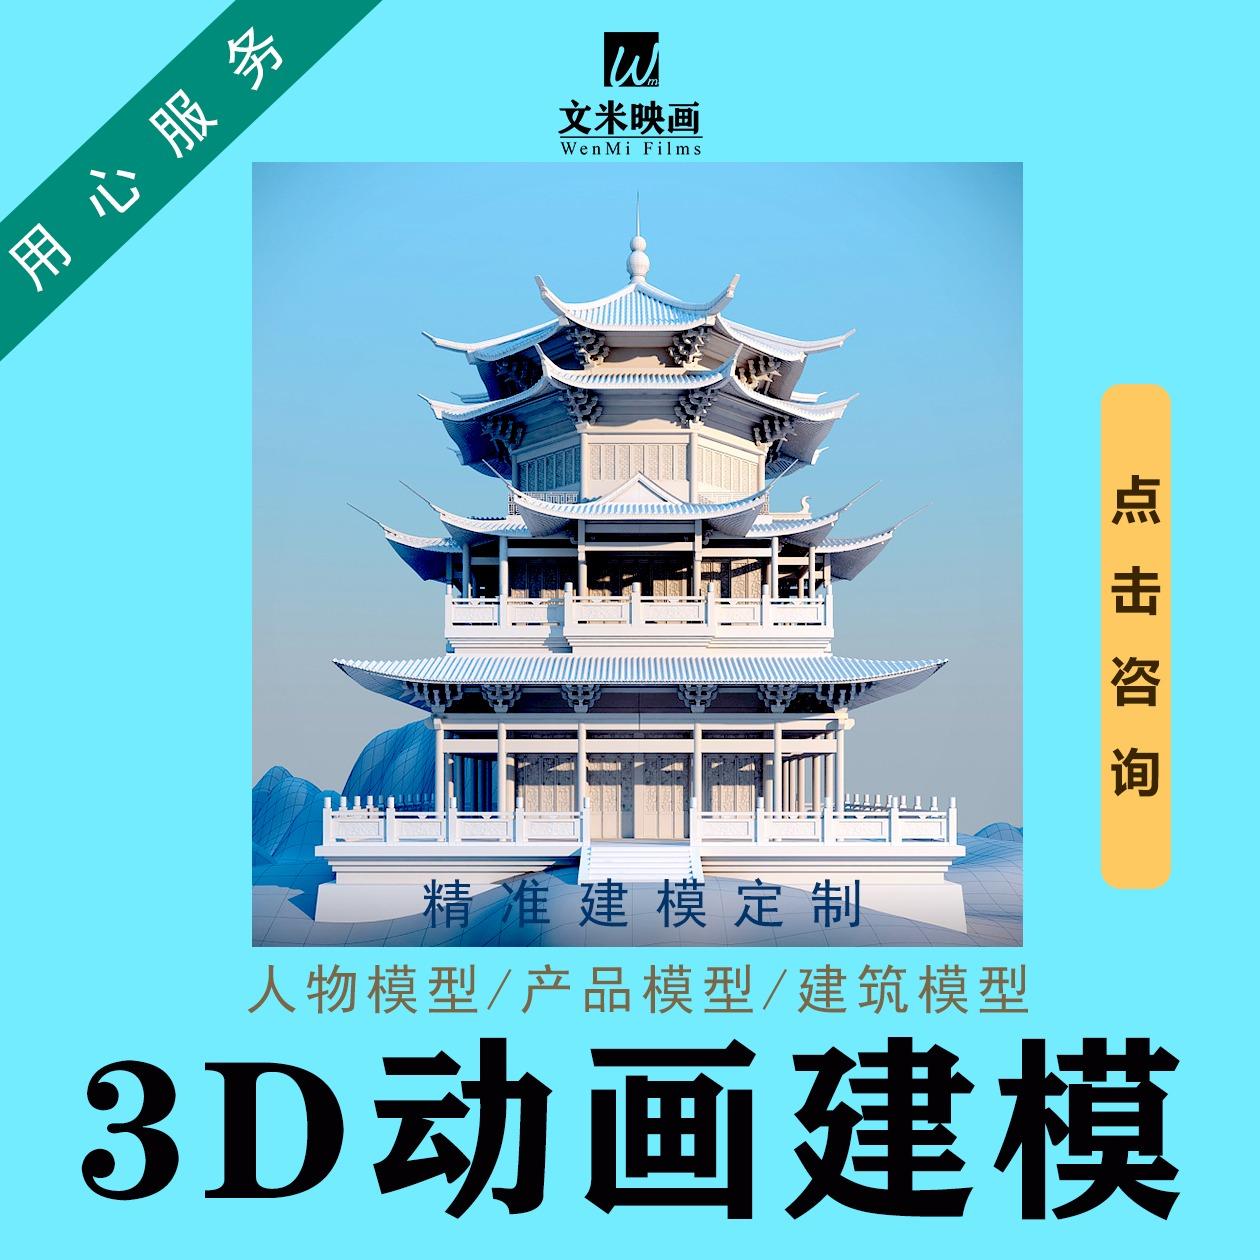 3Ds 建模三维建模人物产品建筑家具等三维动画制作